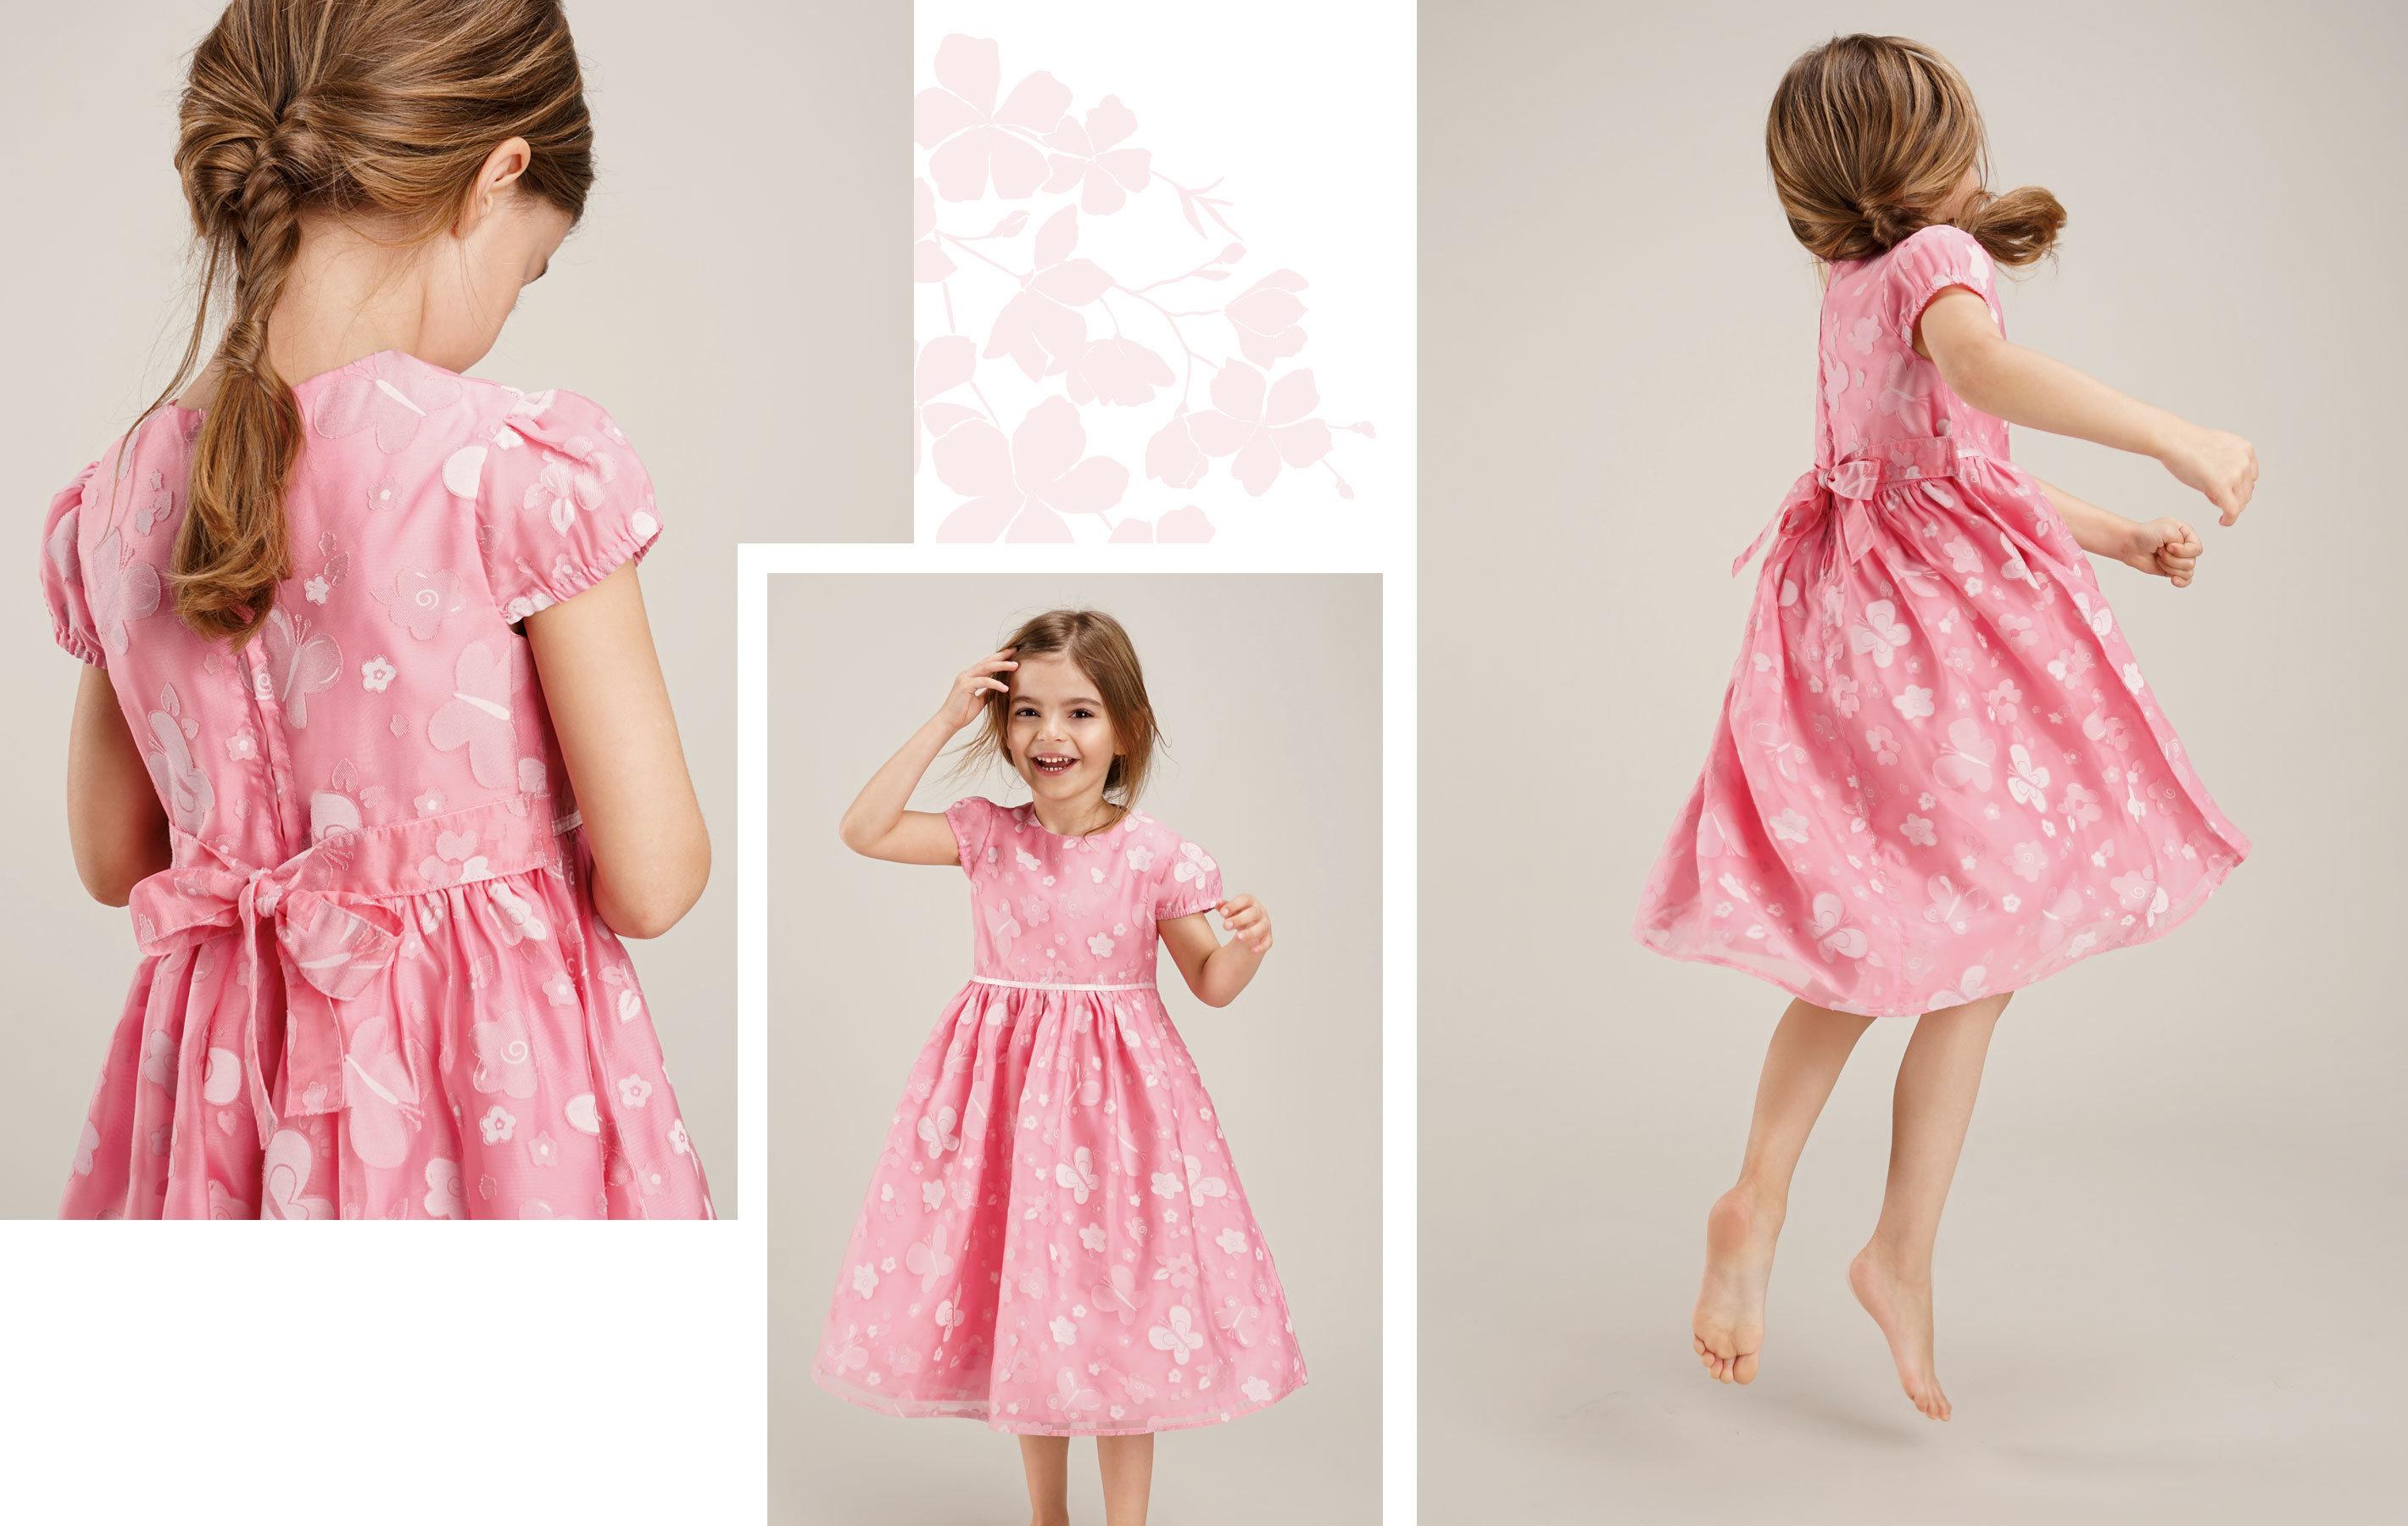 braunhariges Mädchen trägt rosanes Kleid